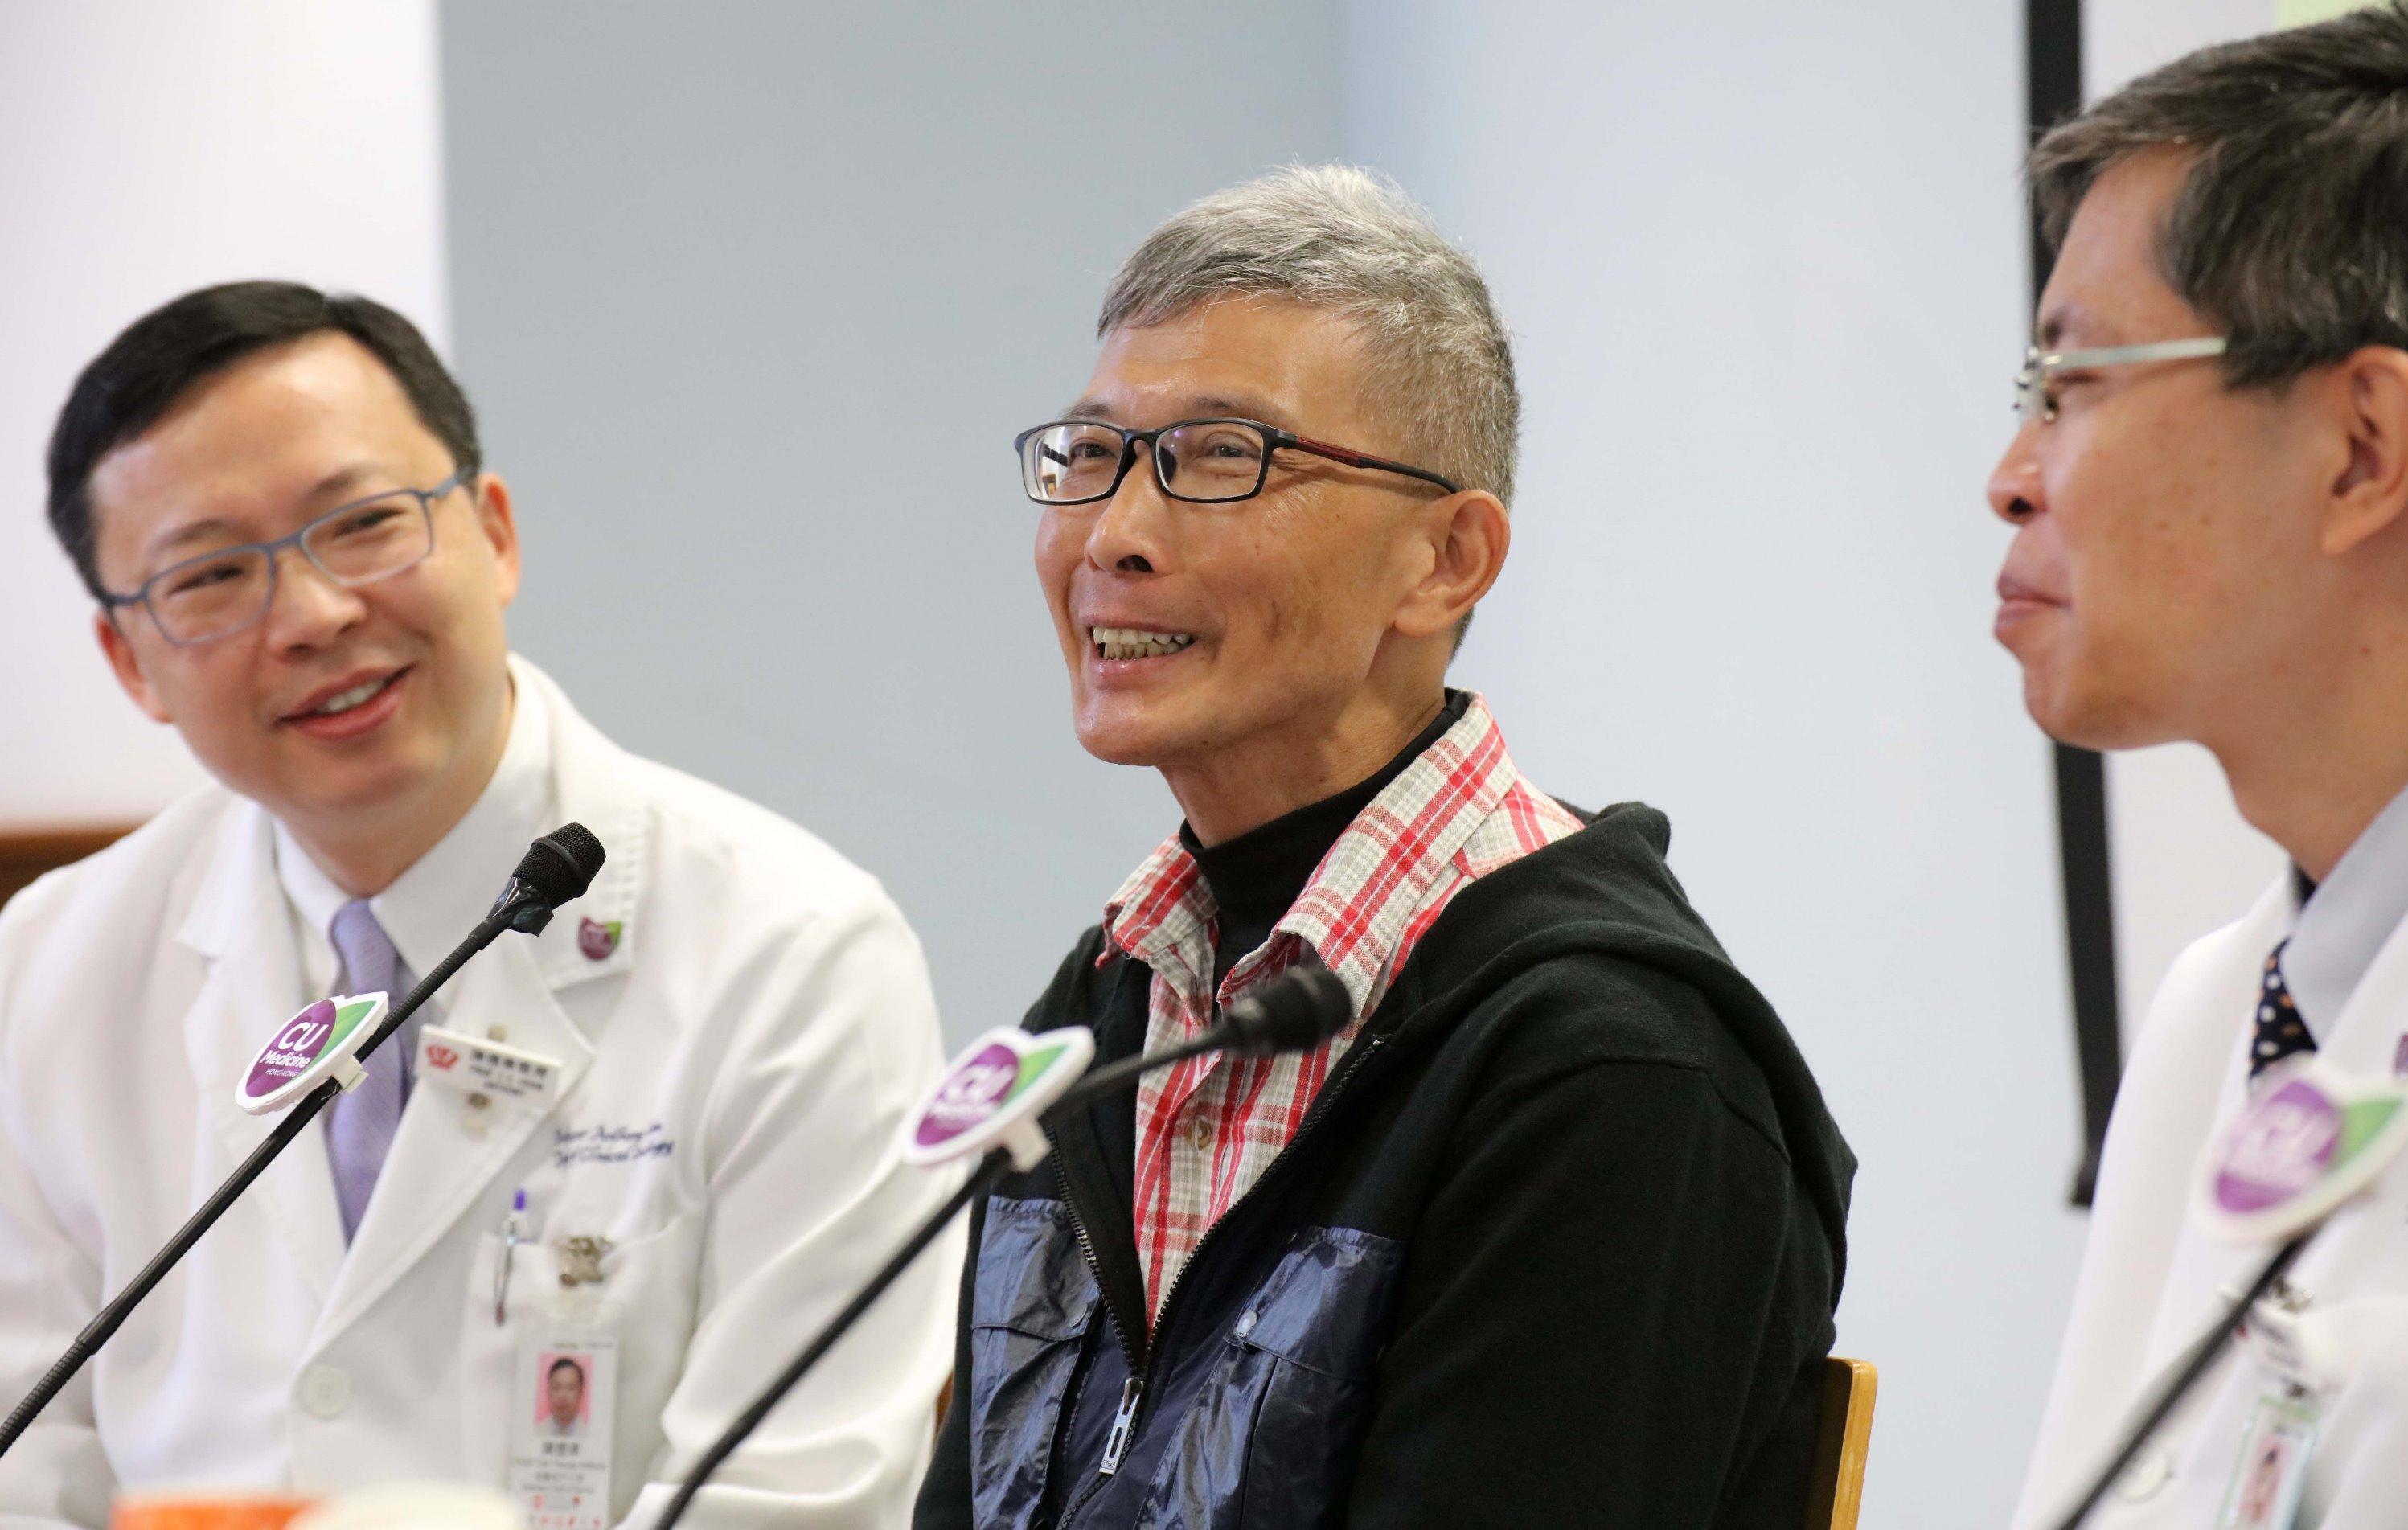 鼻咽癌患者徐先生希望研究团队日后发展出相关技术,帮助患者选择合适的治疗,惠及更多癌症病人。